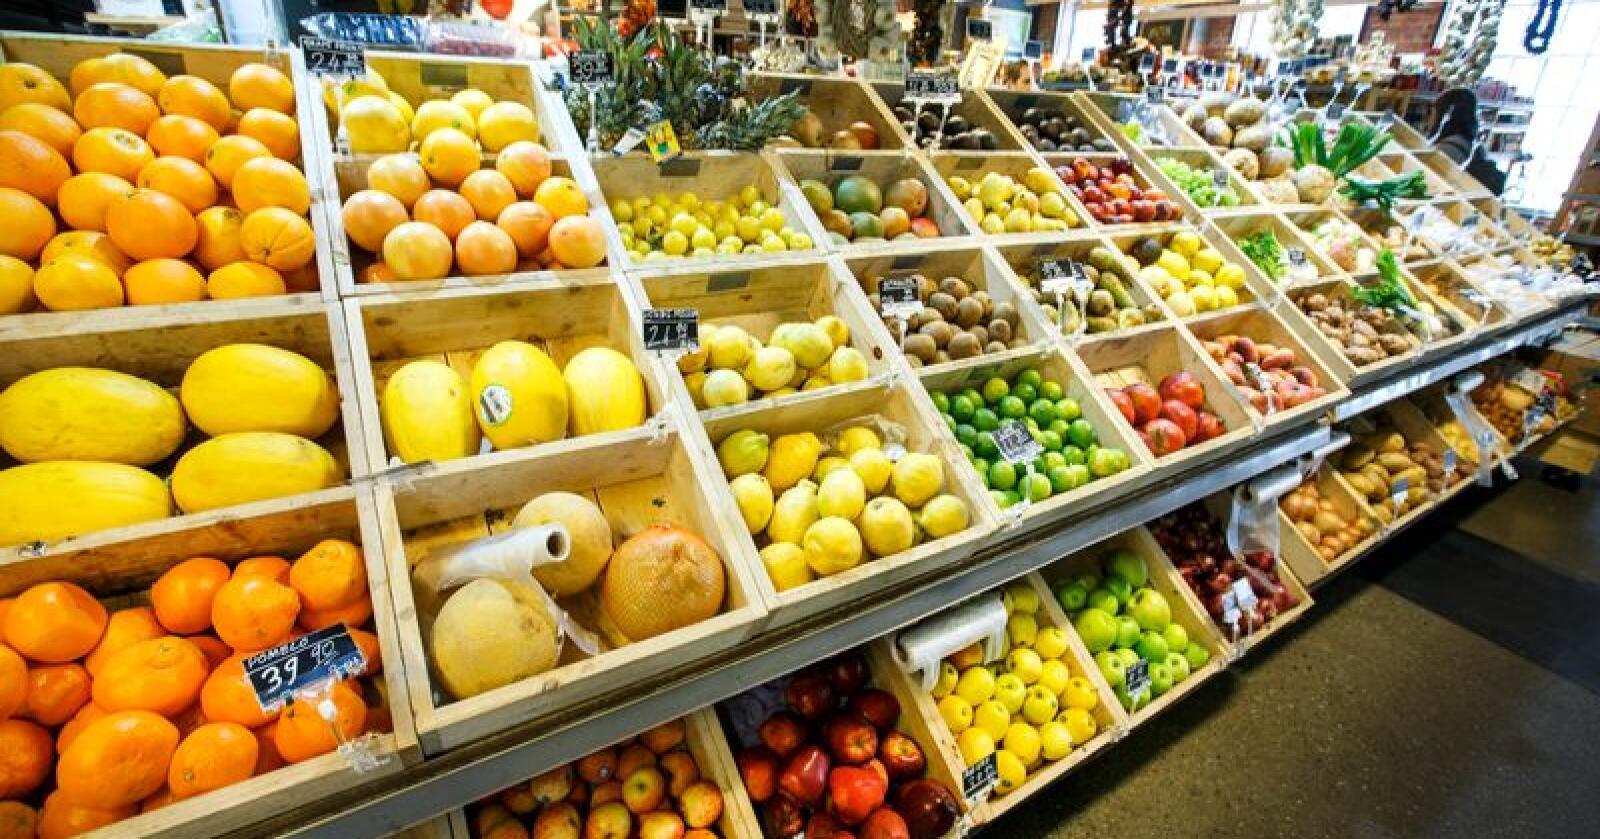 Mattilsynet finner spor av det forbudte plantevernmiddelet klorpyrifos på frukt, bær og grønnsaker i norske butikkhyller. Ifølge forskere kan det gi hjerneskader hos barn. Illustrasjonsfoto: Gorm Kallestad / NTB scanpix